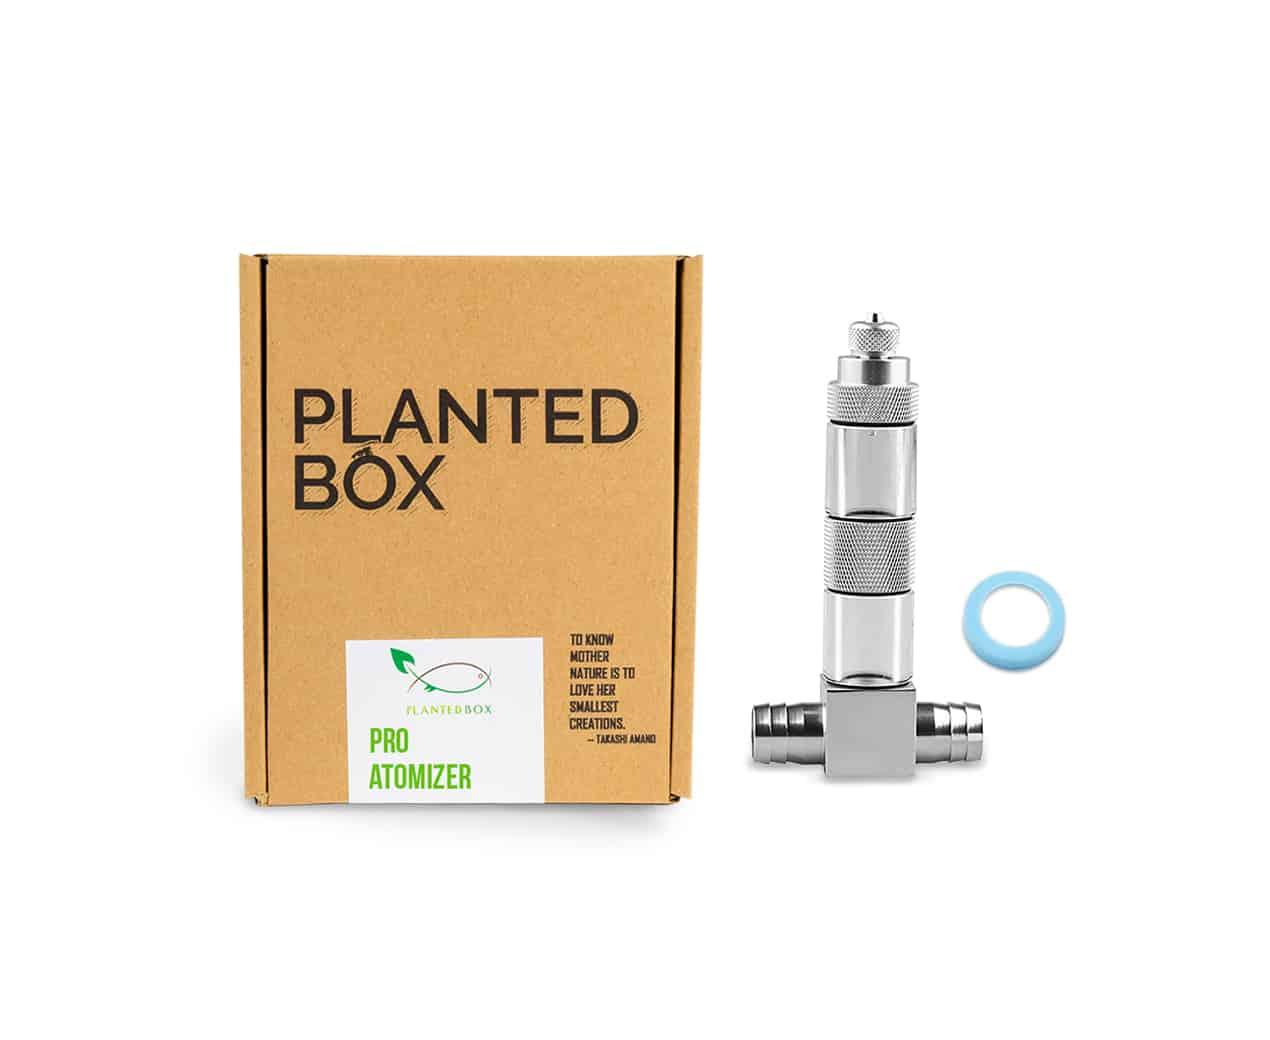 Welk CO2-systeem voor je aquarium? Enkele tips! | PlantedBox